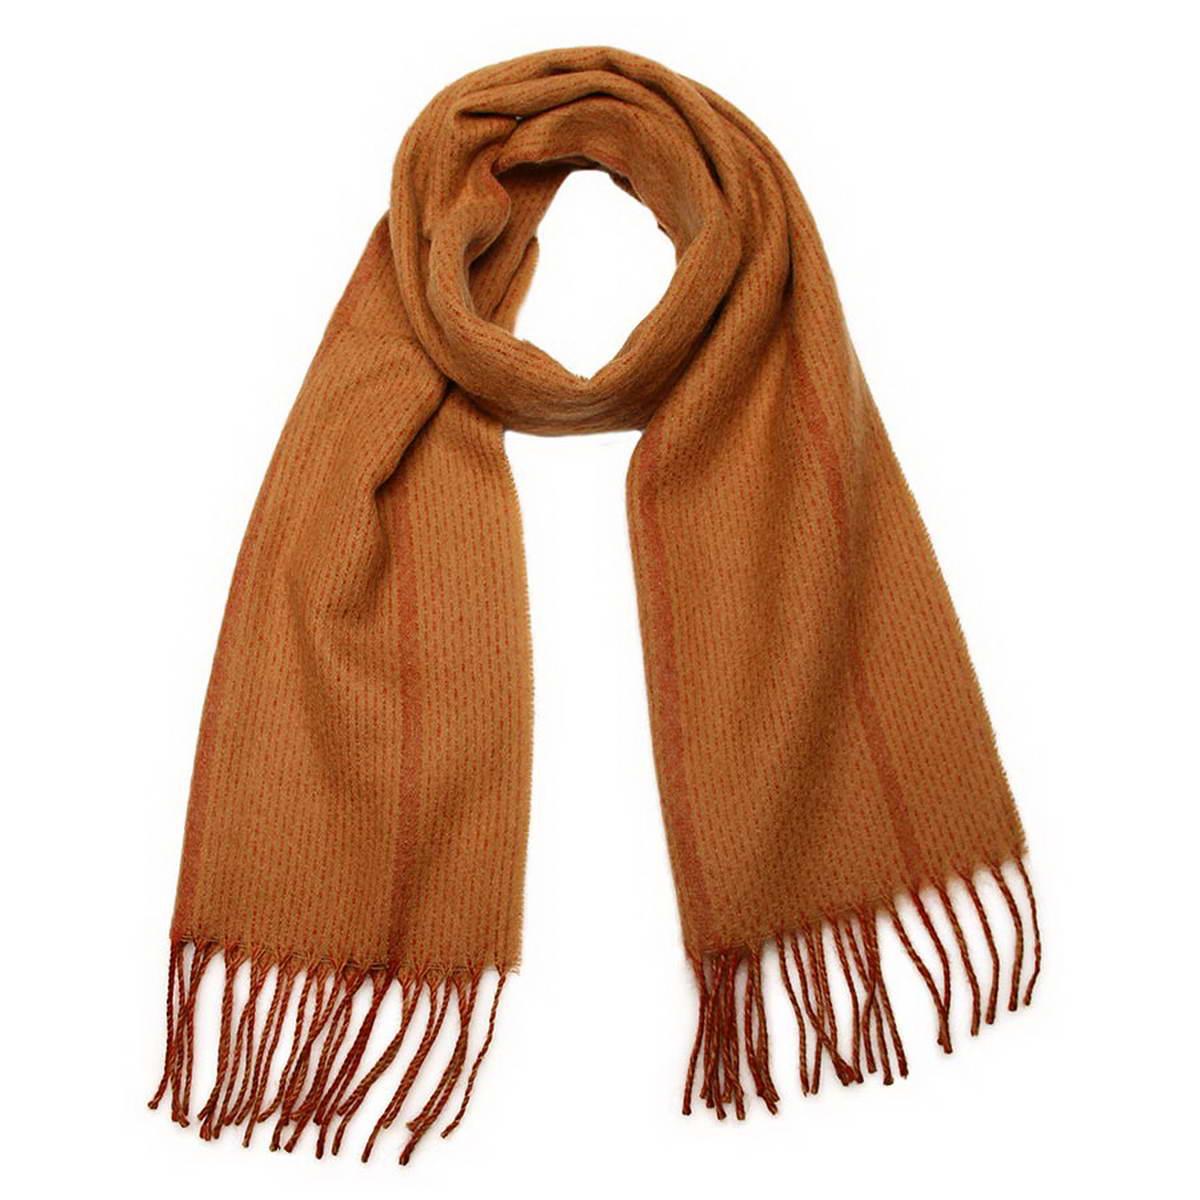 Шарф мужской Venera, цвет: бежевый, оранжевый. 5002532-2. Размер 30 см х 160 см5002532-2Элегантный мужской шарф Venera согреет вас в холодное время года, а также станет изысканным аксессуаром, который призван подчеркнуть ваш стиль и индивидуальность. Оригинальный теплый шарф выполнен из высококачественной шерстяной пряжи. Шарф оформлен узором в полоску различной ширины и дополнен жгутиками по краю.Такой шарф станет превосходным дополнением к любому наряду, защитит вас от ветра и холода и позволит вам создать свой неповторимый стиль.